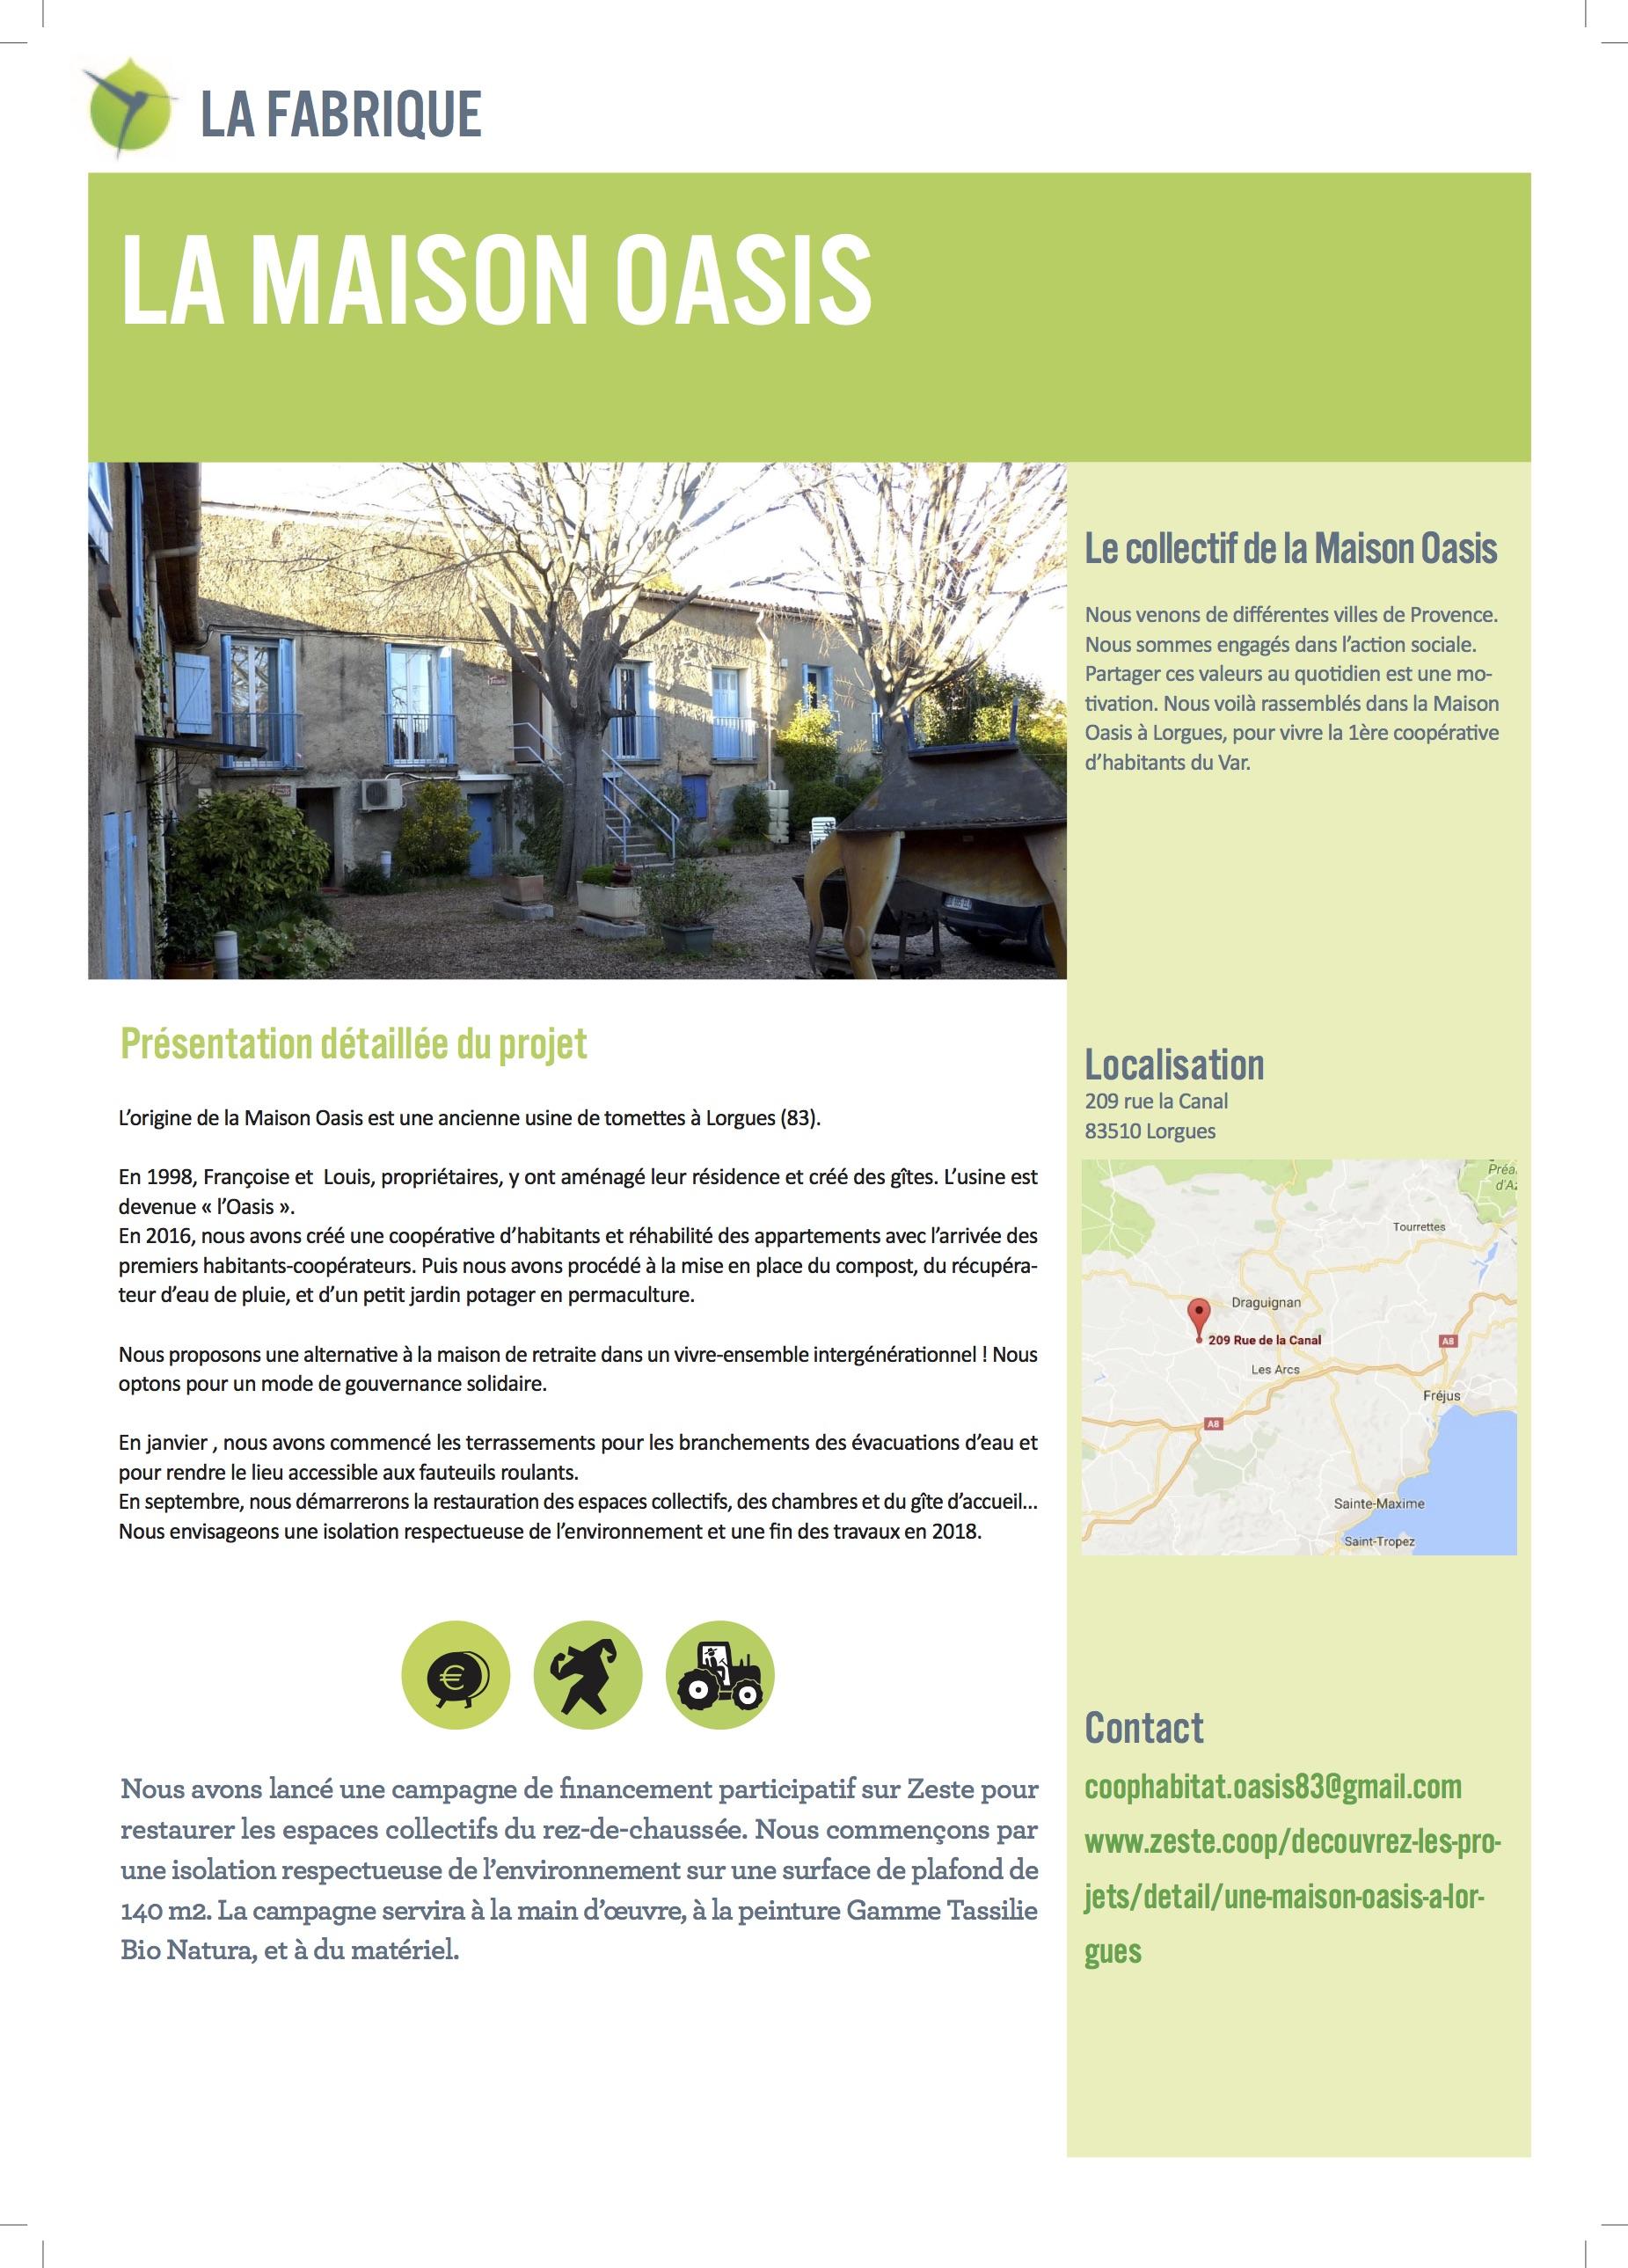 Le Jardin Potager En Janvier colibris toulon littoral : habitat